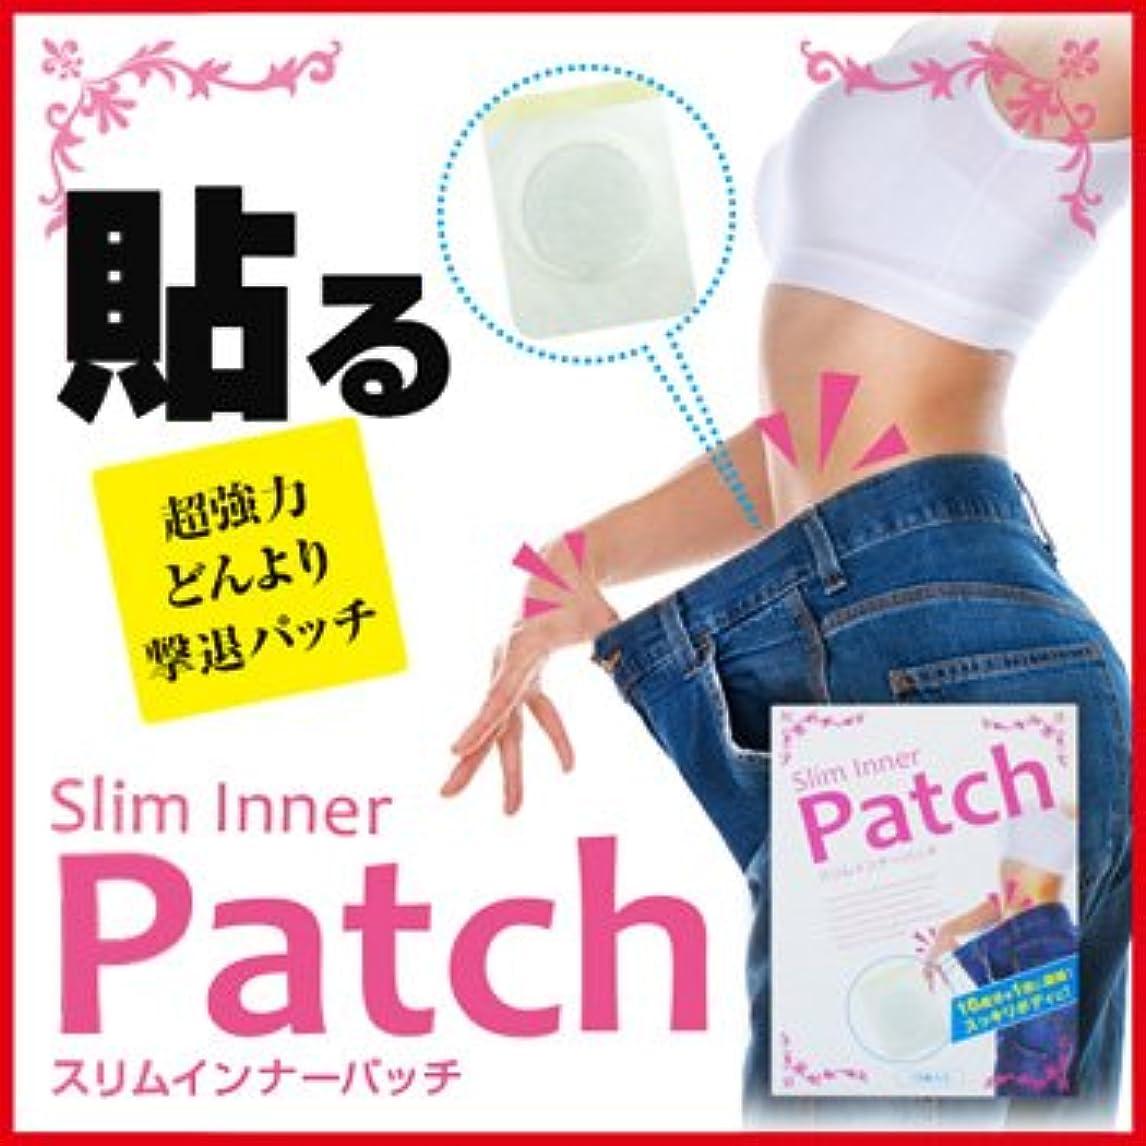 トイレ作詞家旅Slim inner Patch(スリムインナーパッチ)